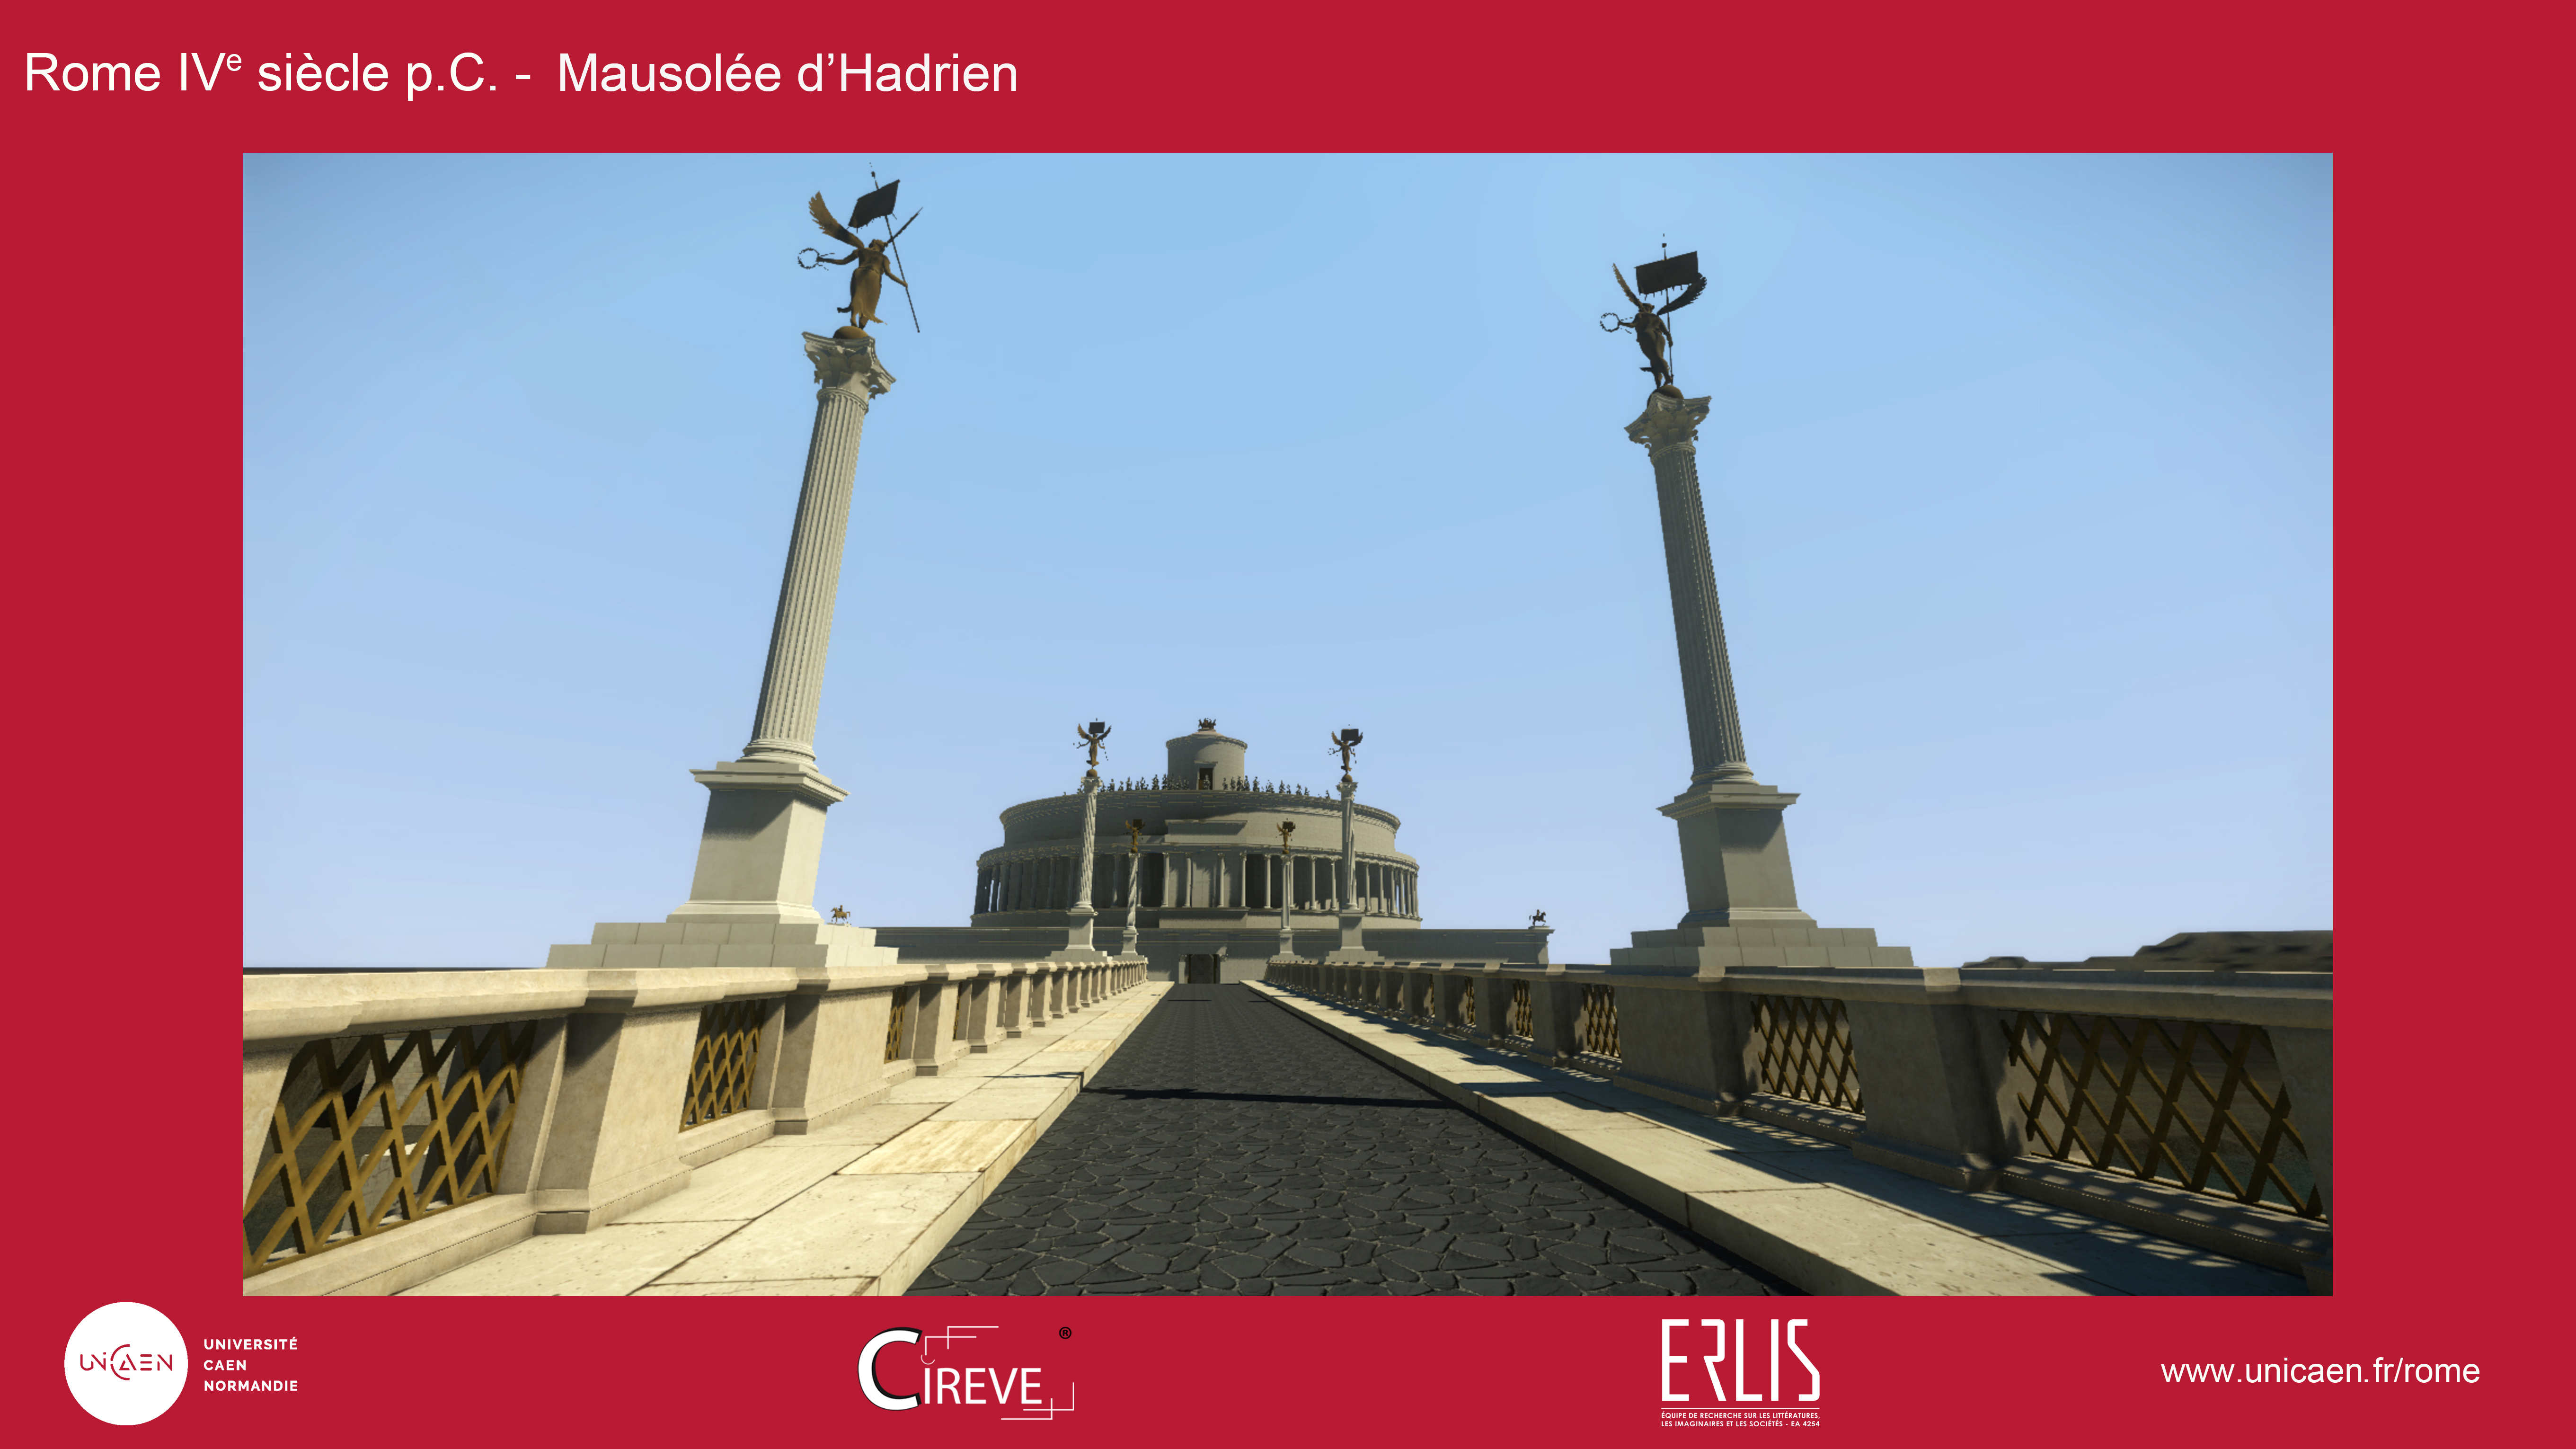 Mausolée d'Hadrien et pont Aelius